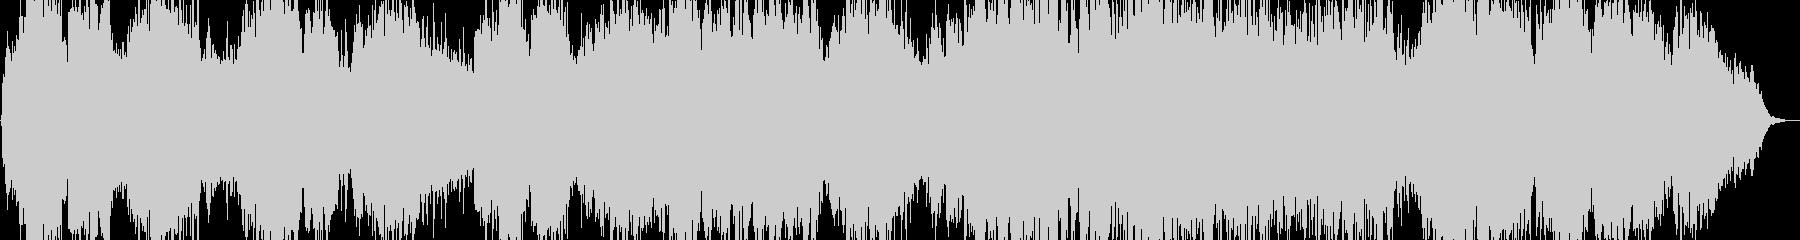 優しい笛のヒーリング音楽の未再生の波形